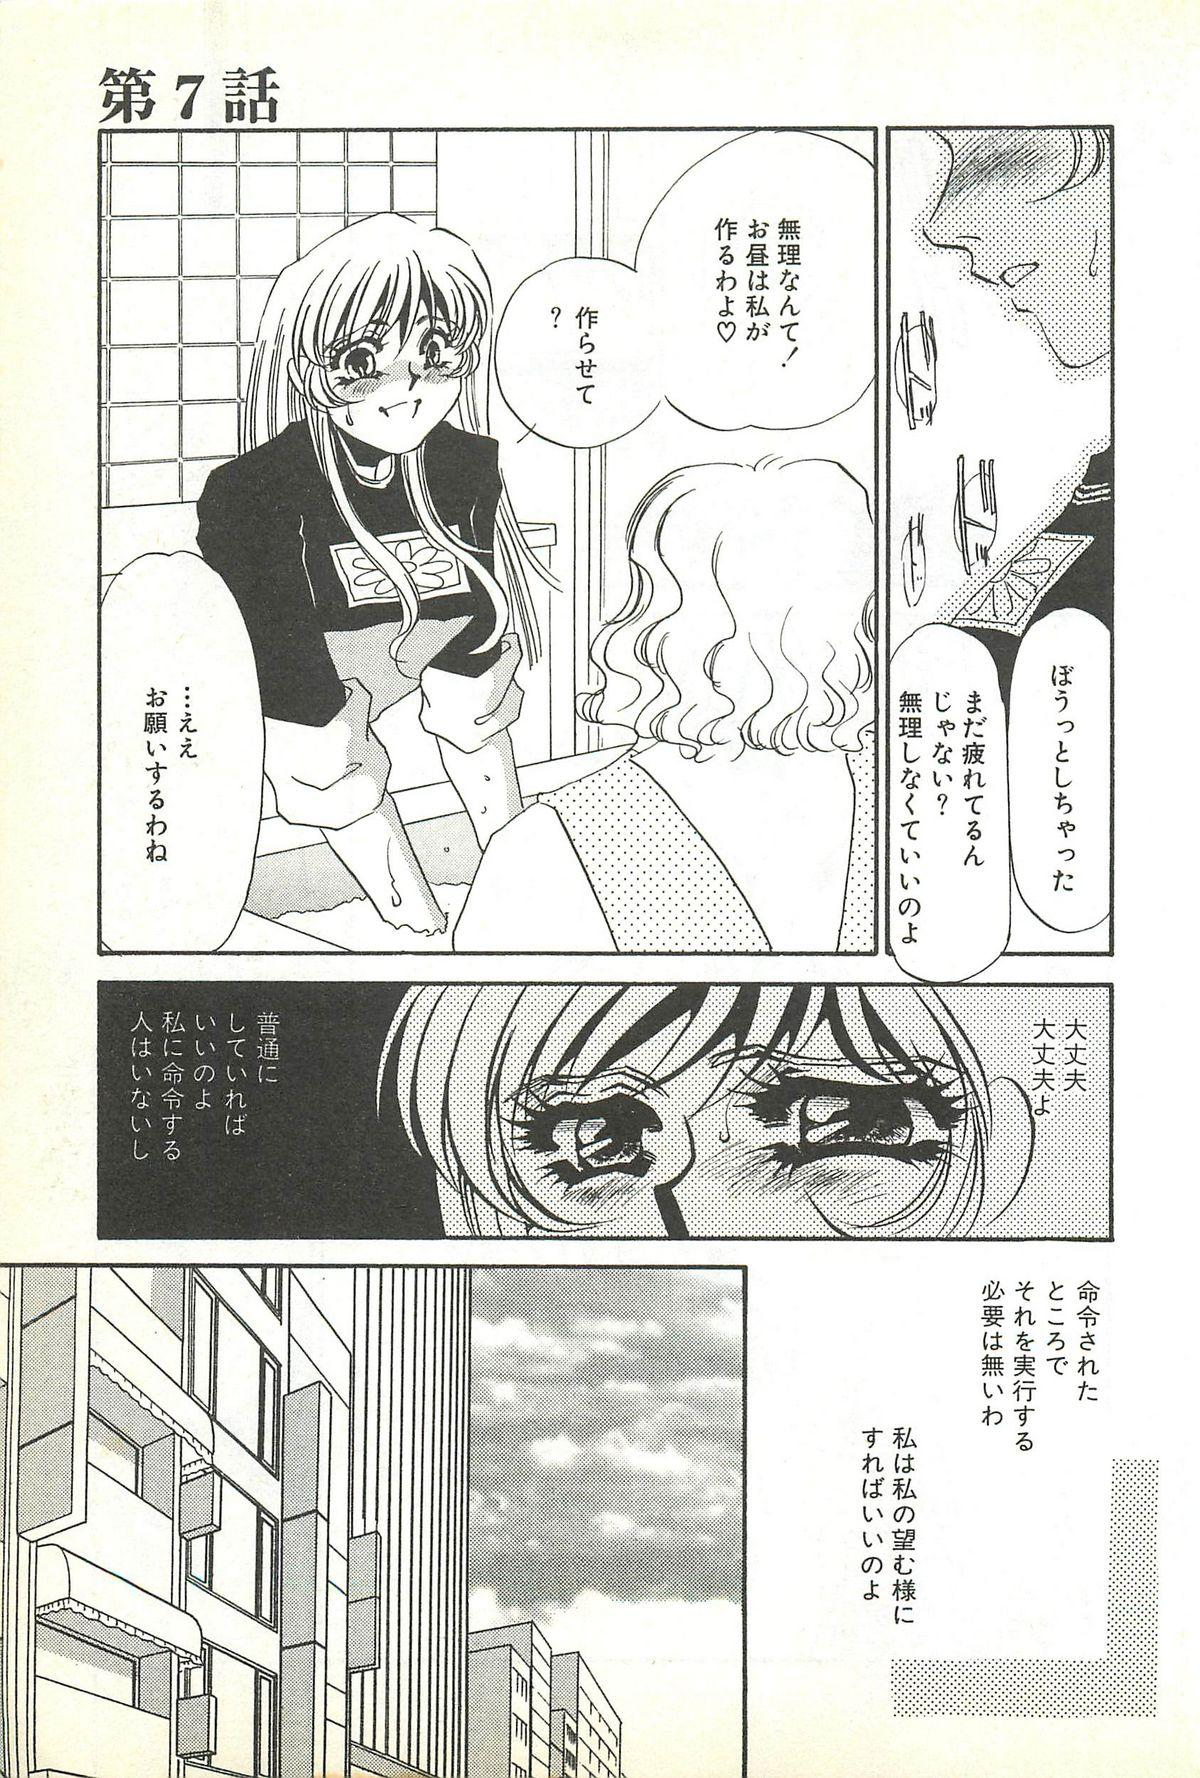 Chigyaku no Heya - A Shameful Punishment Room 130